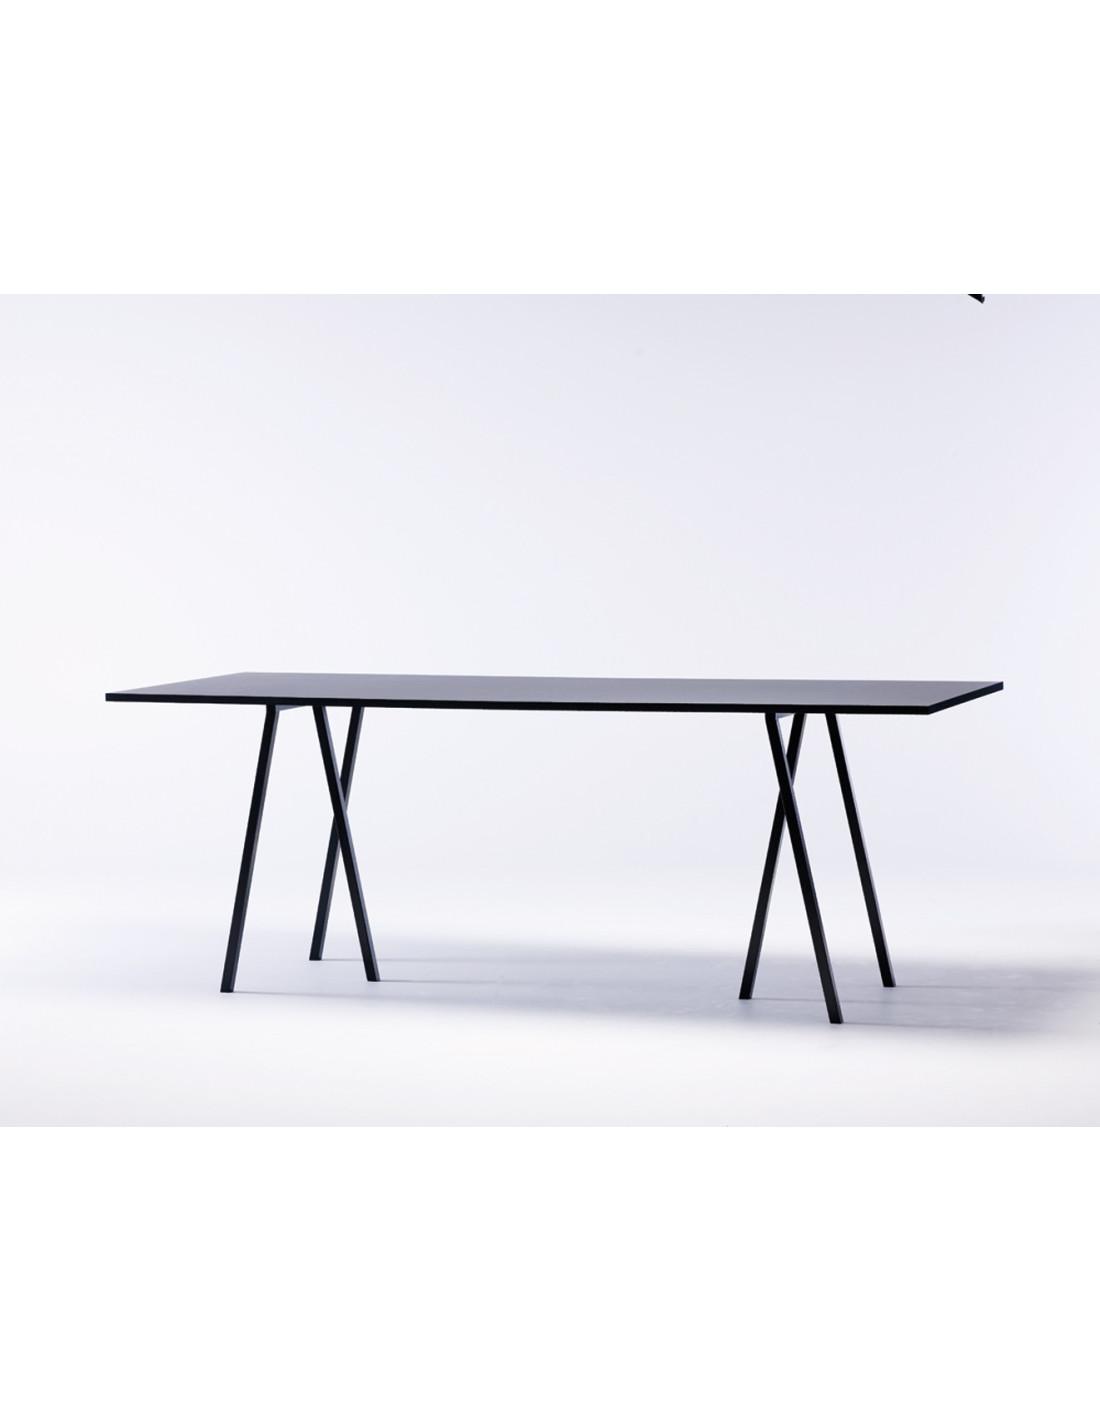 loop stand table de leif jorgensen hay la boutique danoise. Black Bedroom Furniture Sets. Home Design Ideas